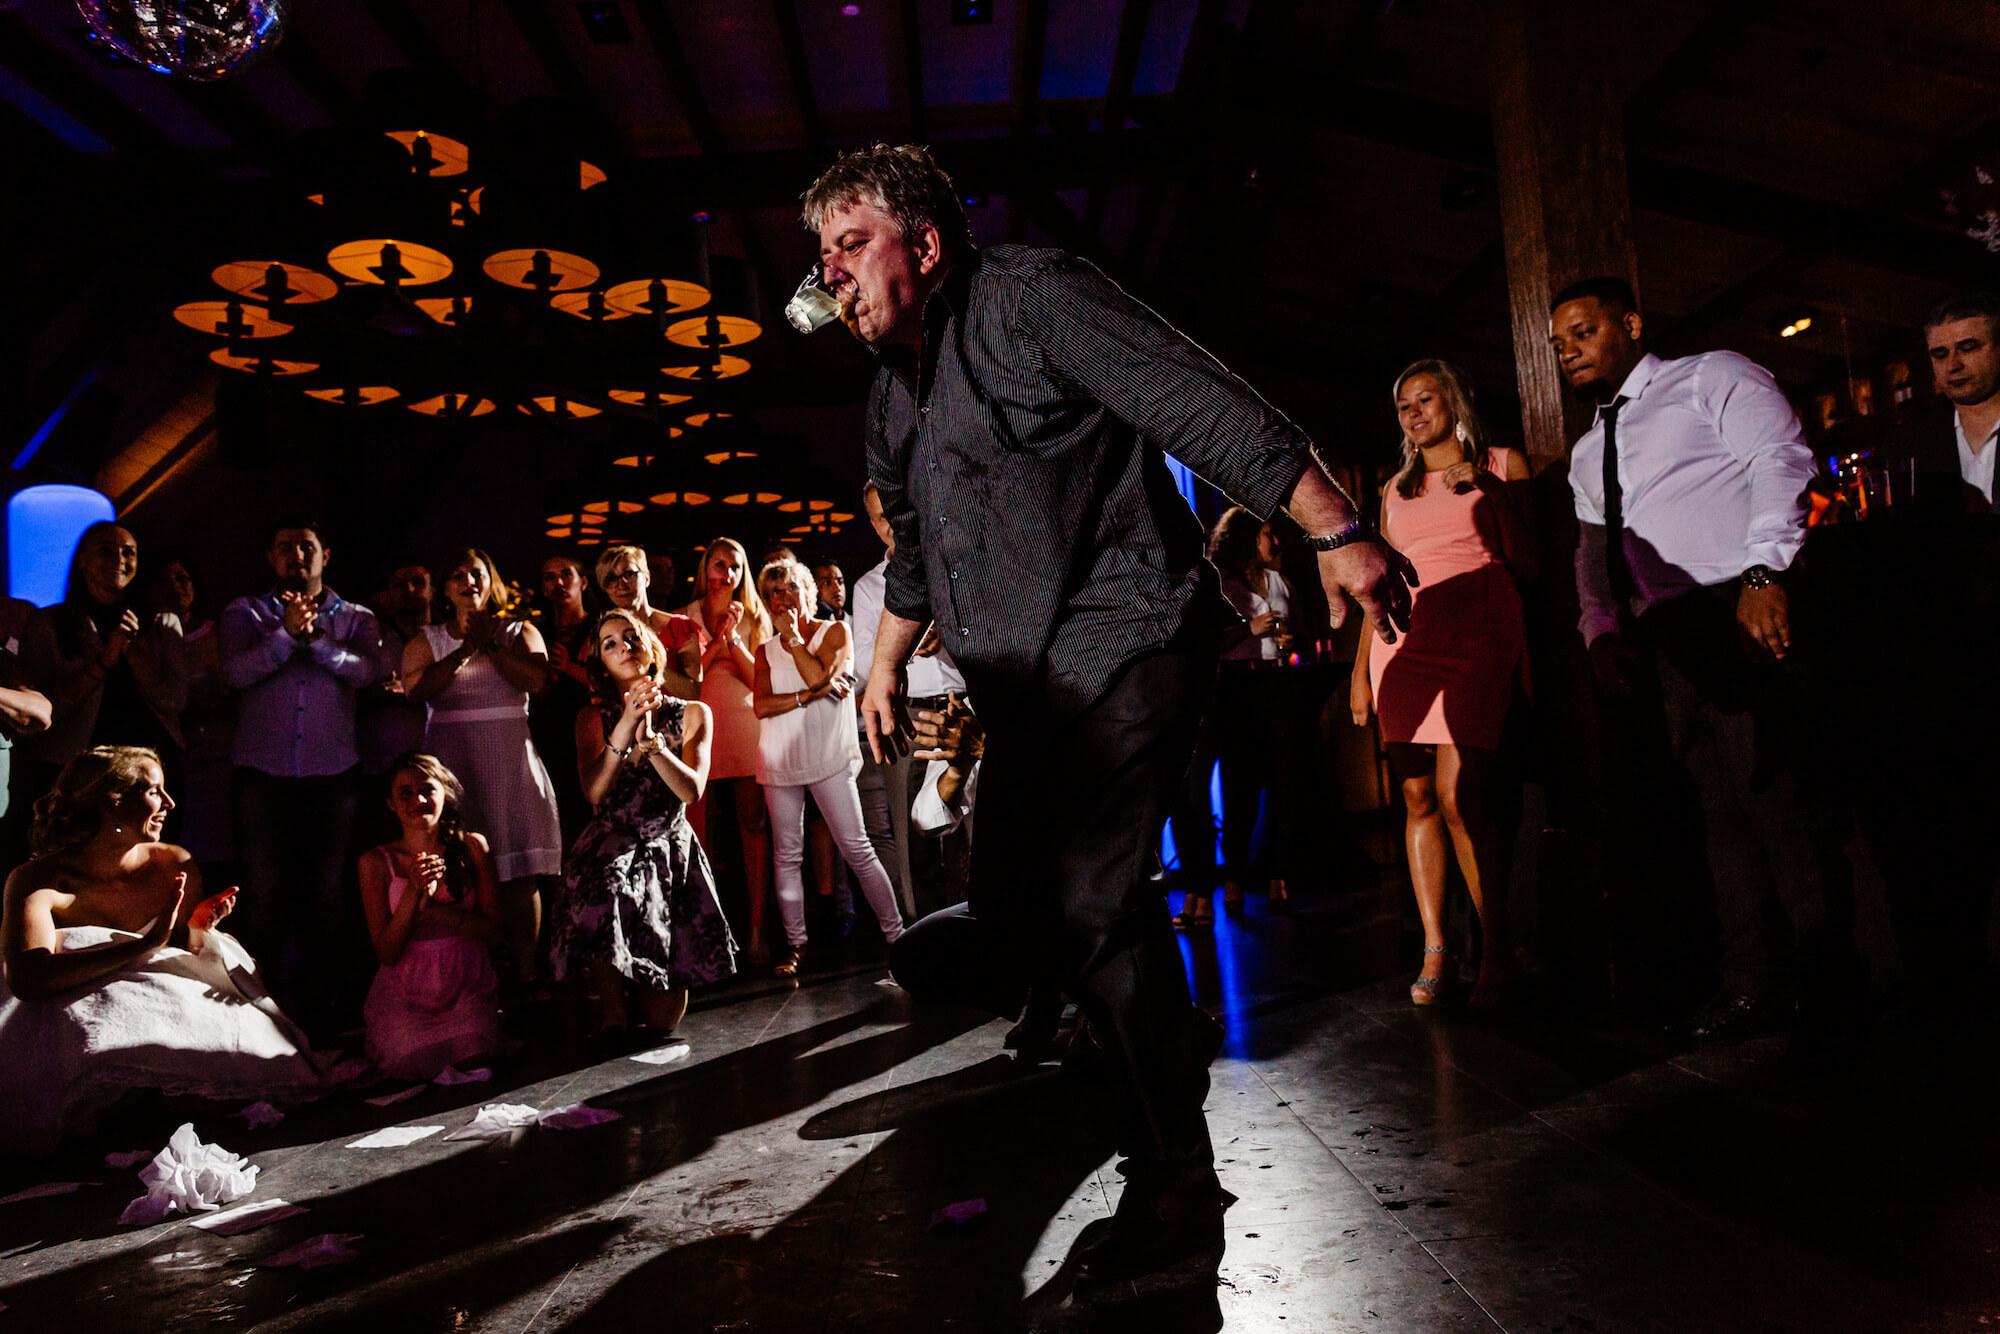 griekse-bruiloft-trouwfotograaf-utrecht-61.jpg